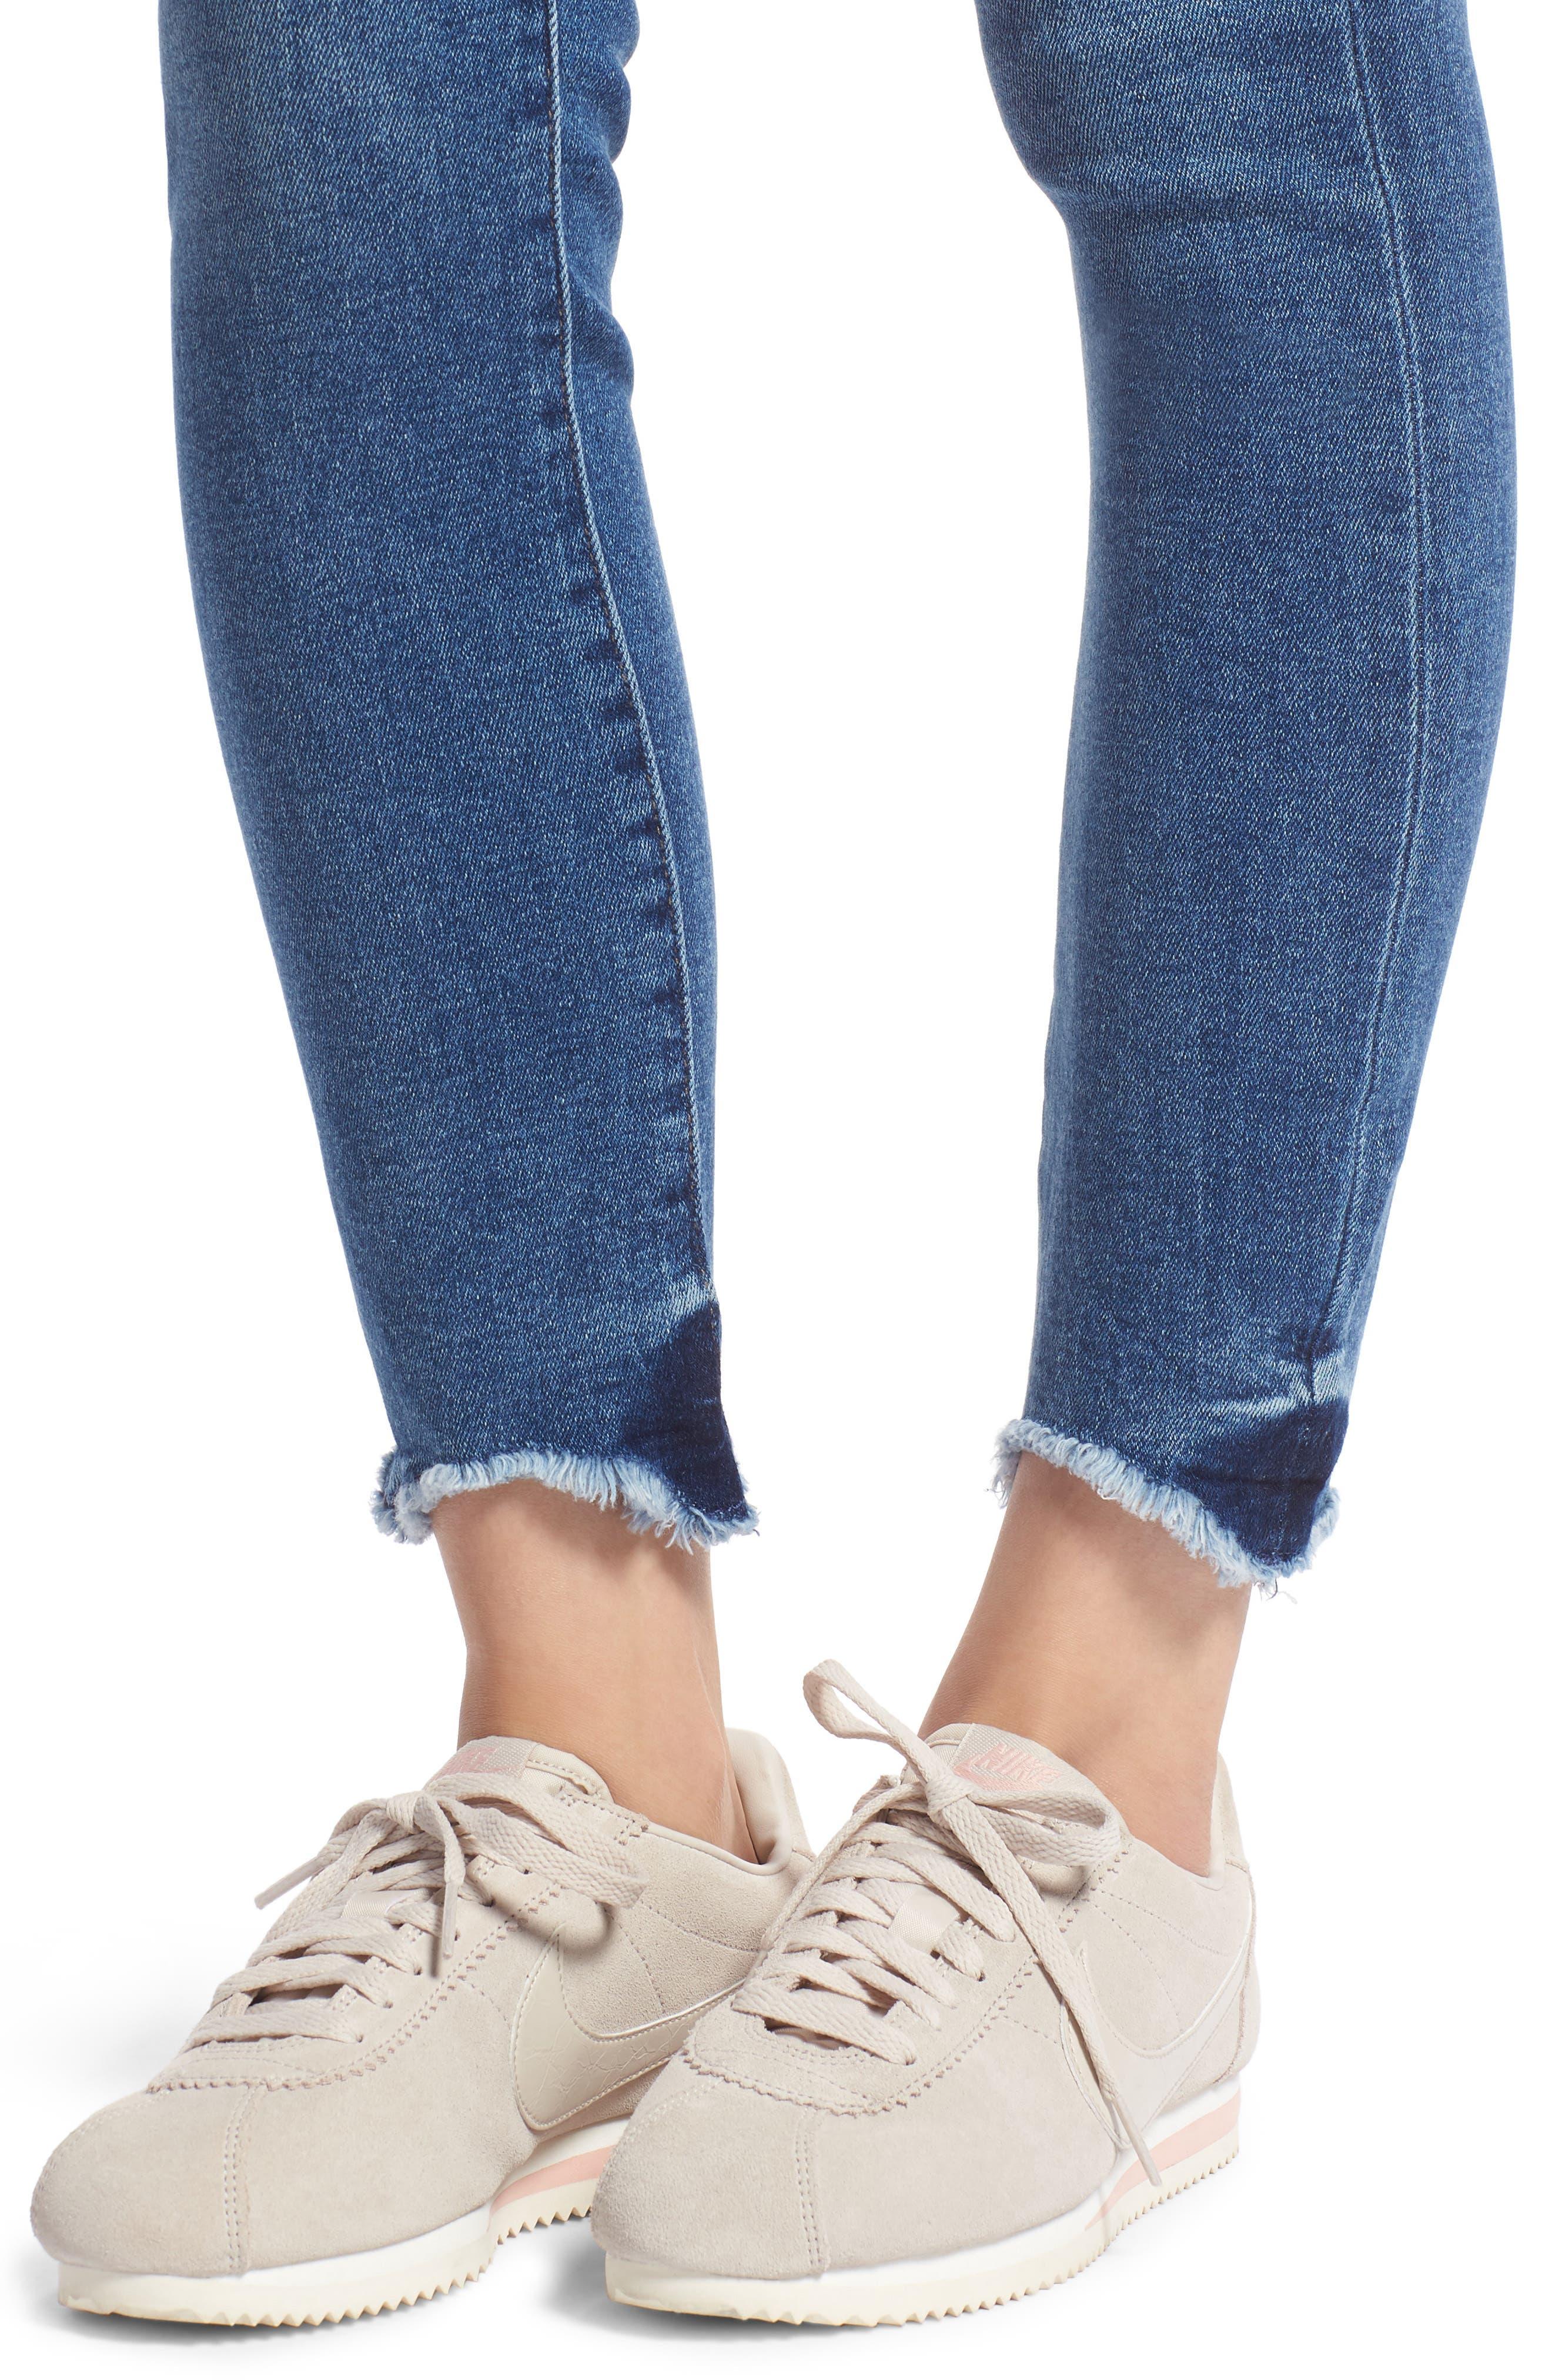 Farrow High Waist Skinny Jeans,                             Alternate thumbnail 4, color,                             422